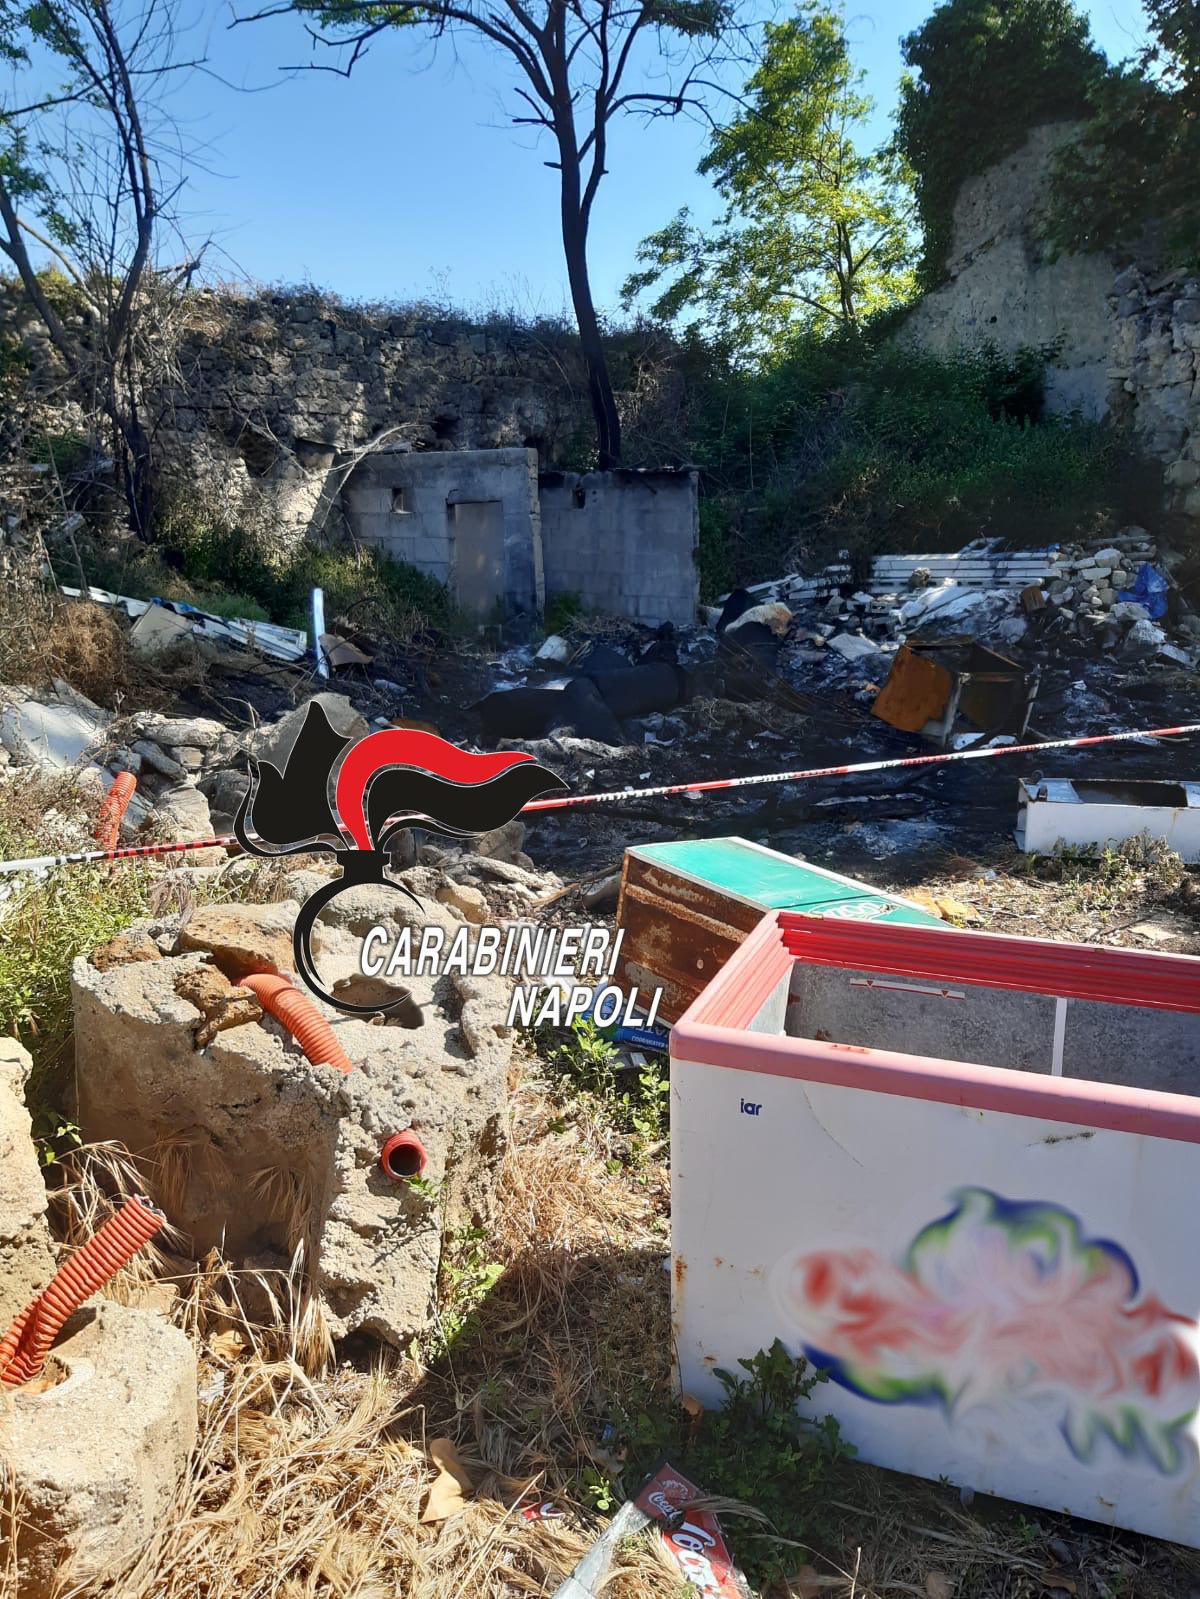 Discarica illegale di rifiuti, denunciato un 43enne VIDEO